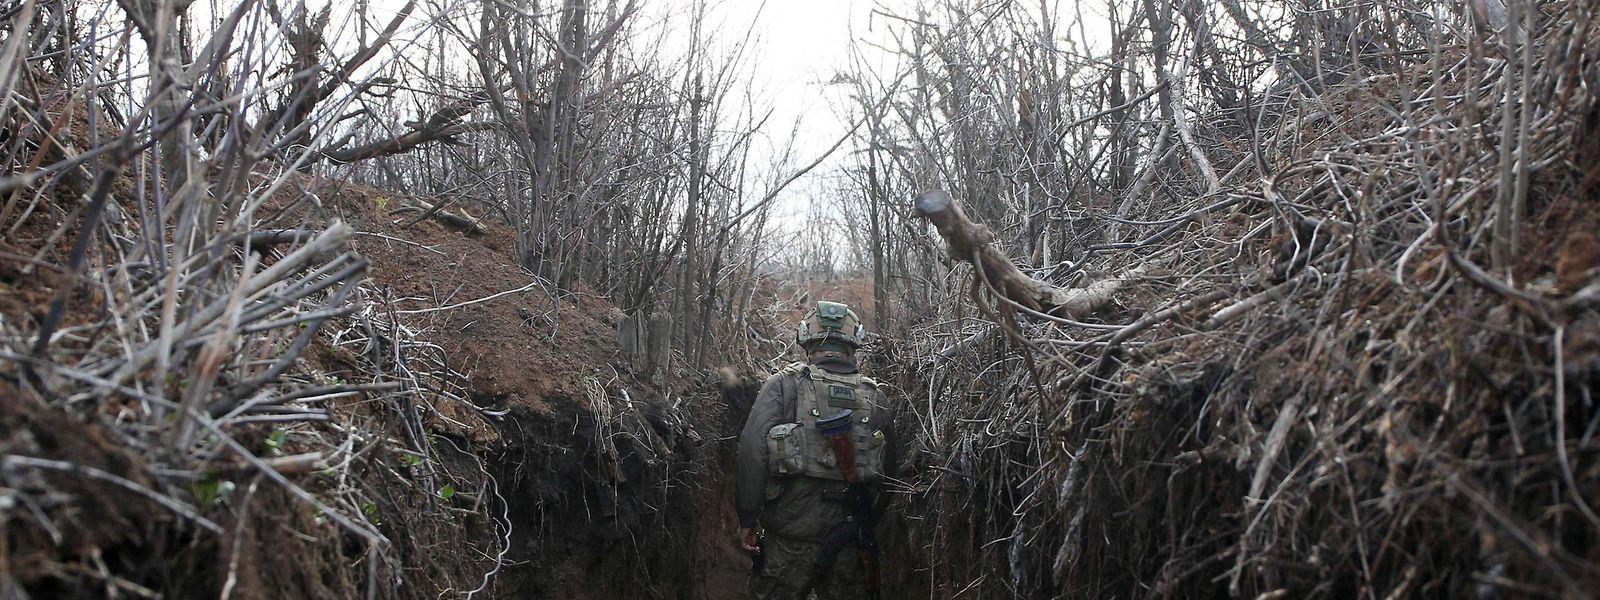 Ein ukrainischer Soldat patroulliert in einem Schützengraben in der Region Lugansk.